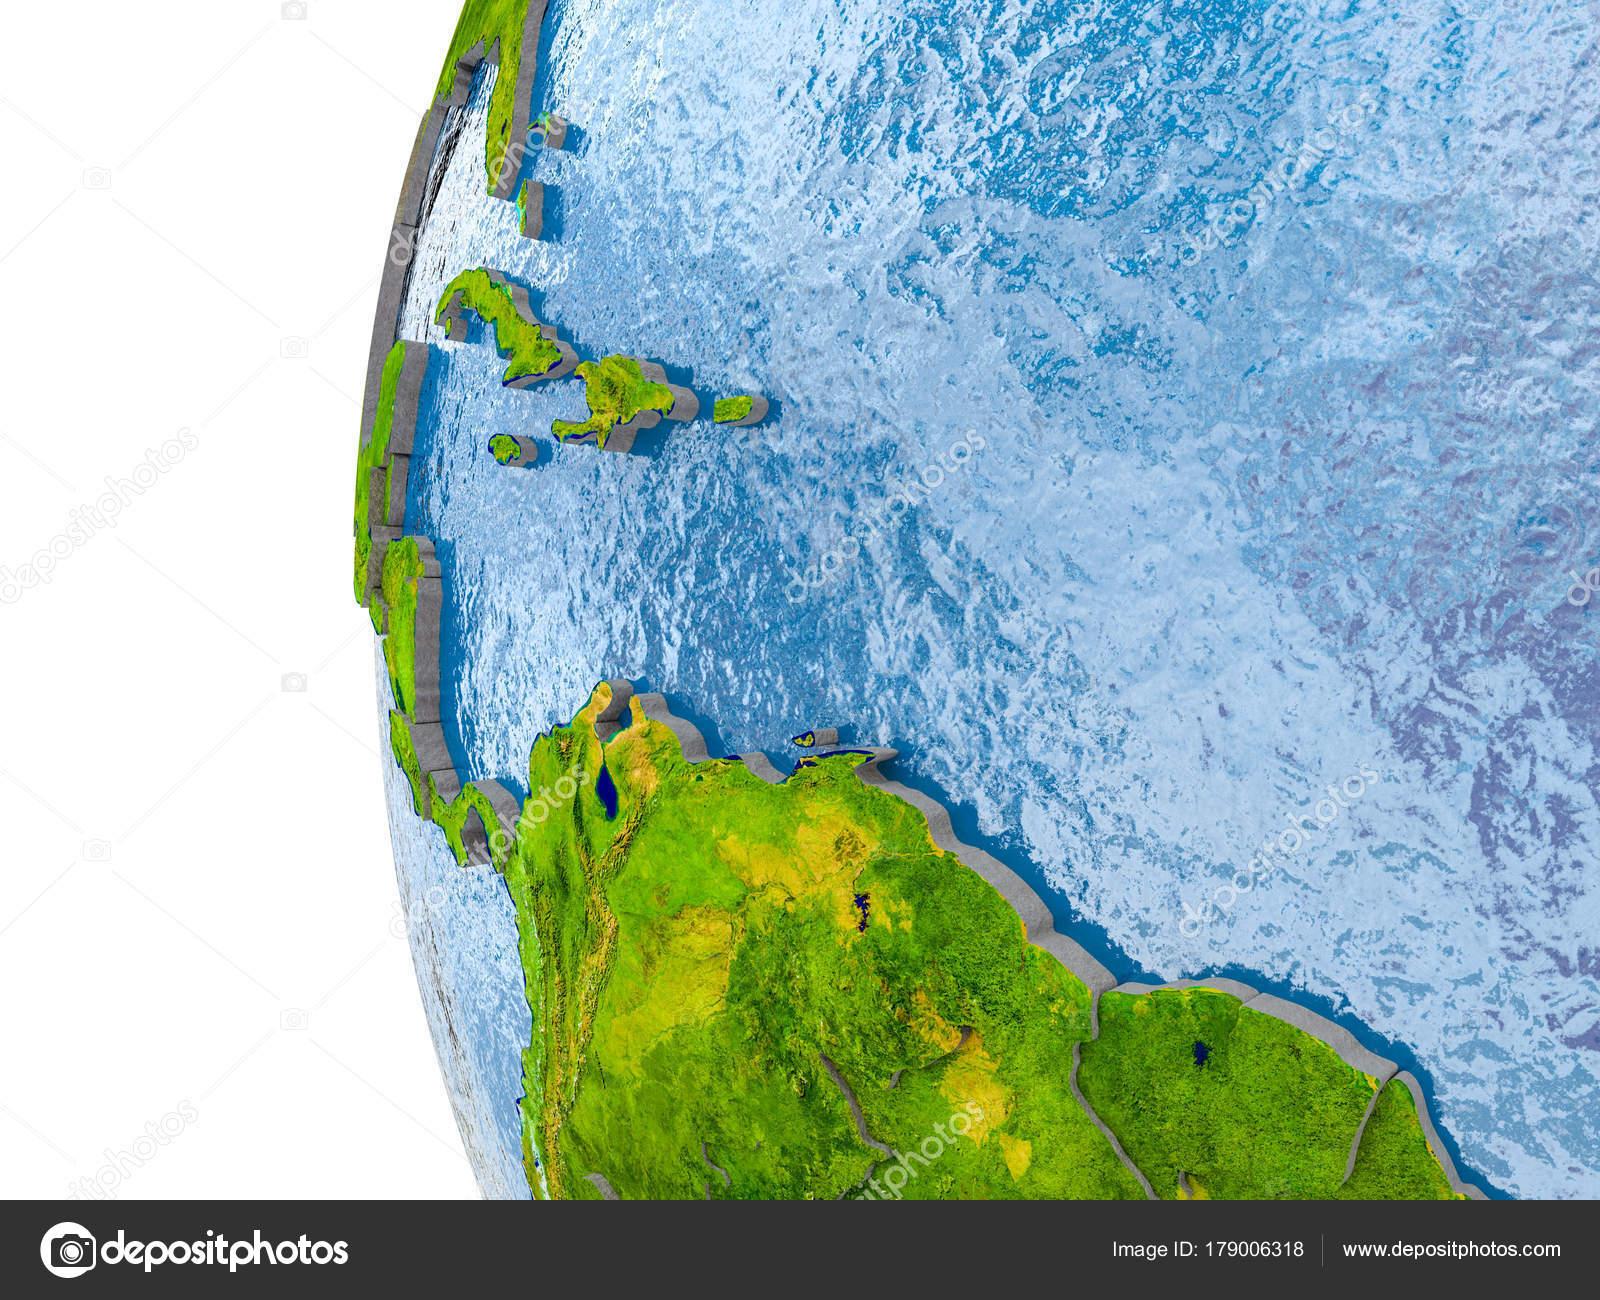 Karibik Karte Welt.Karte Der Karibik Nach Vorbild Der Ganzen Welt Stockfoto Tom